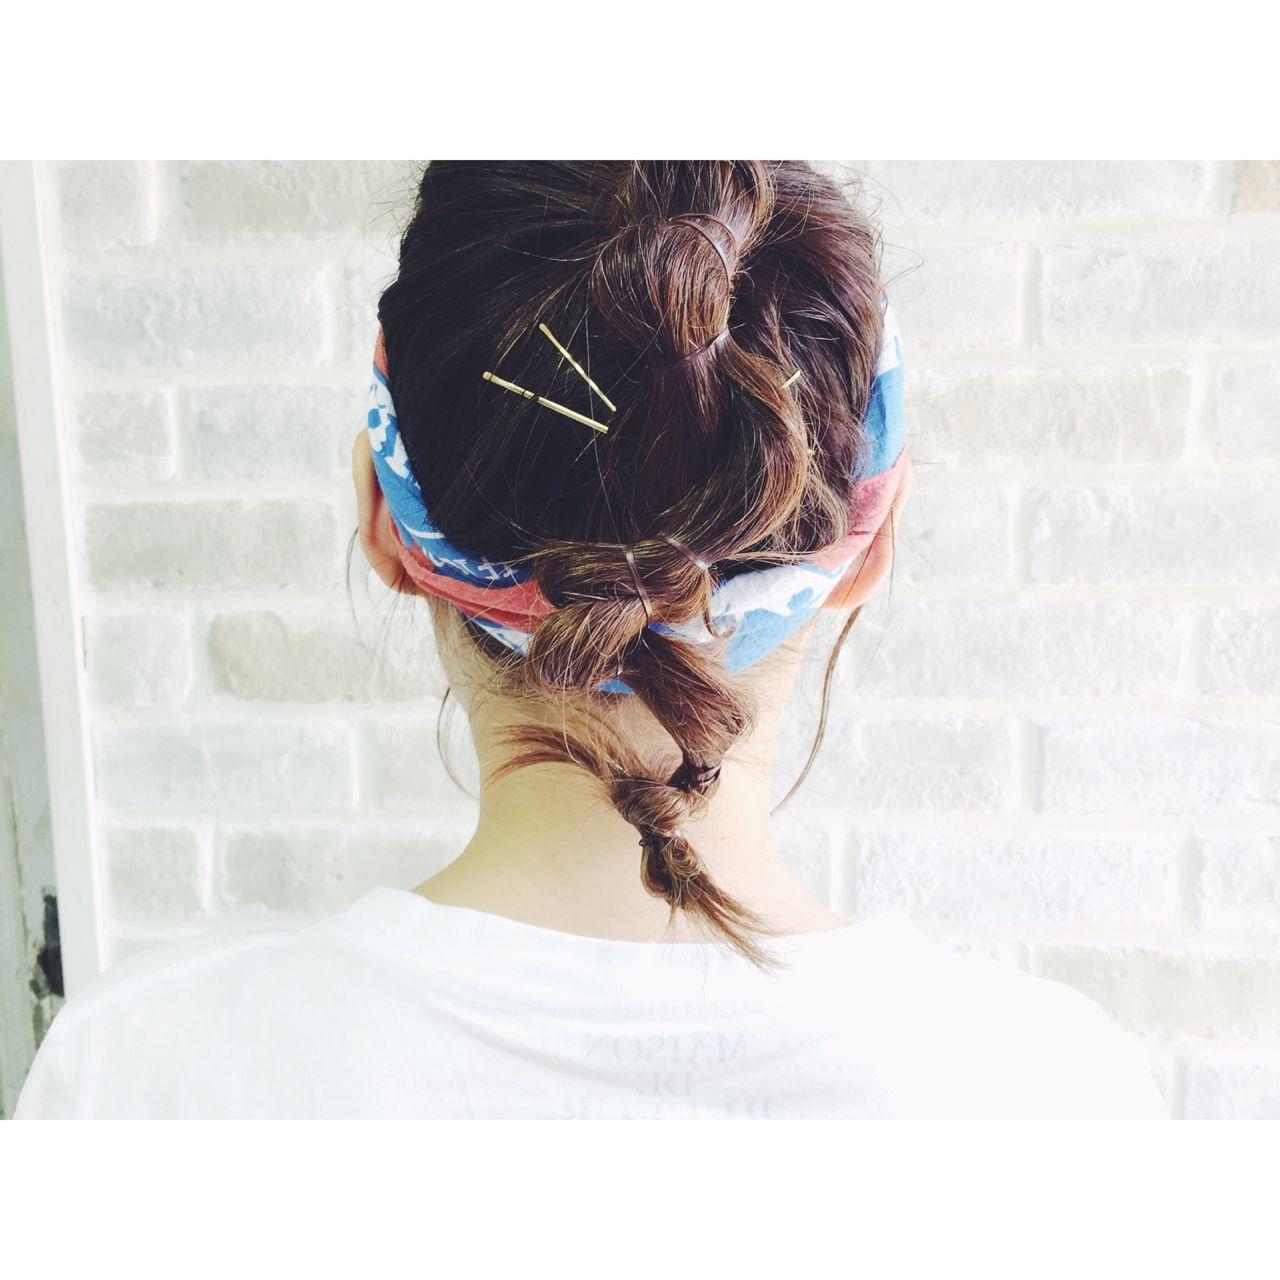 パンク ストリート バンダナ お団子 ヘアスタイルや髪型の写真・画像